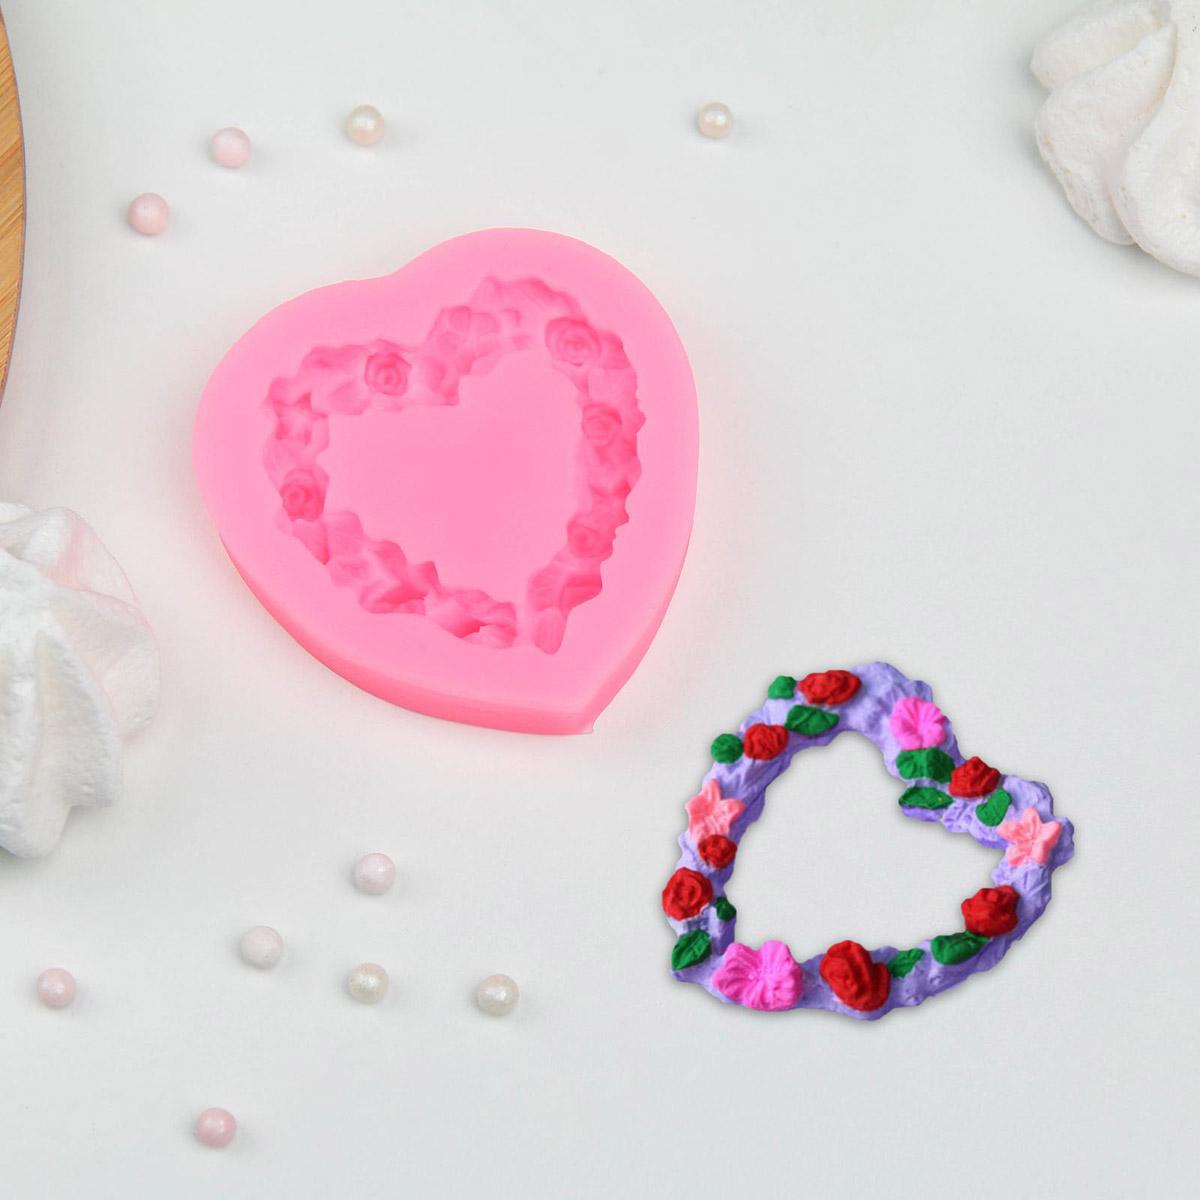 3624577 Молд 'Сердце в розочках', 7*7*1,3 см цвет МИКС